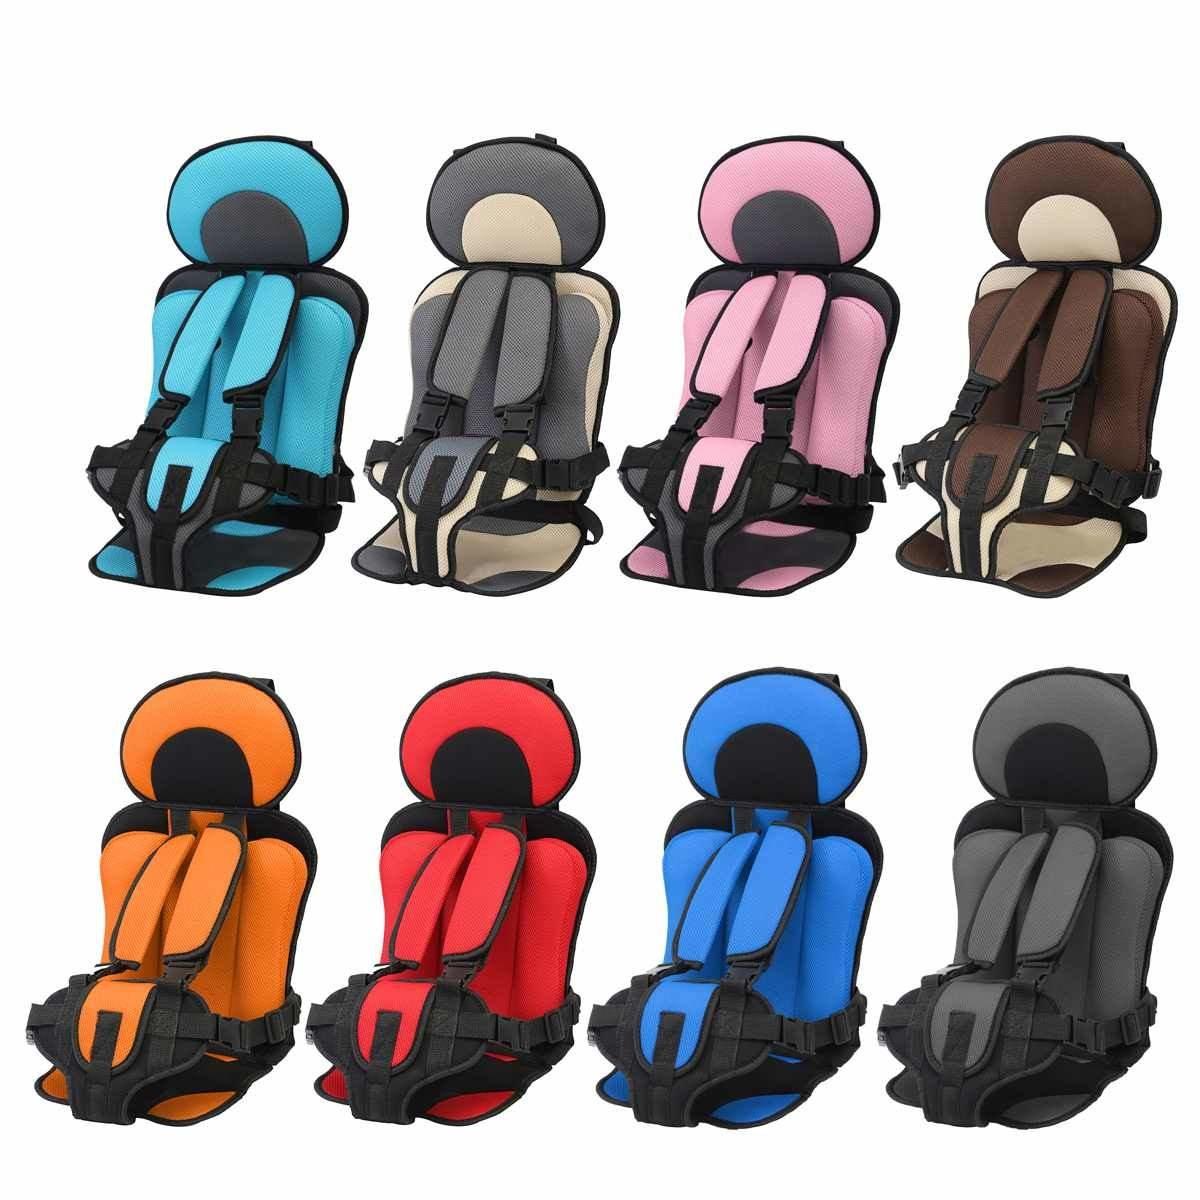 Надежное и экономное решение, когда в авто ребенок - бескаркасное кресло SafeBelt, фото-4